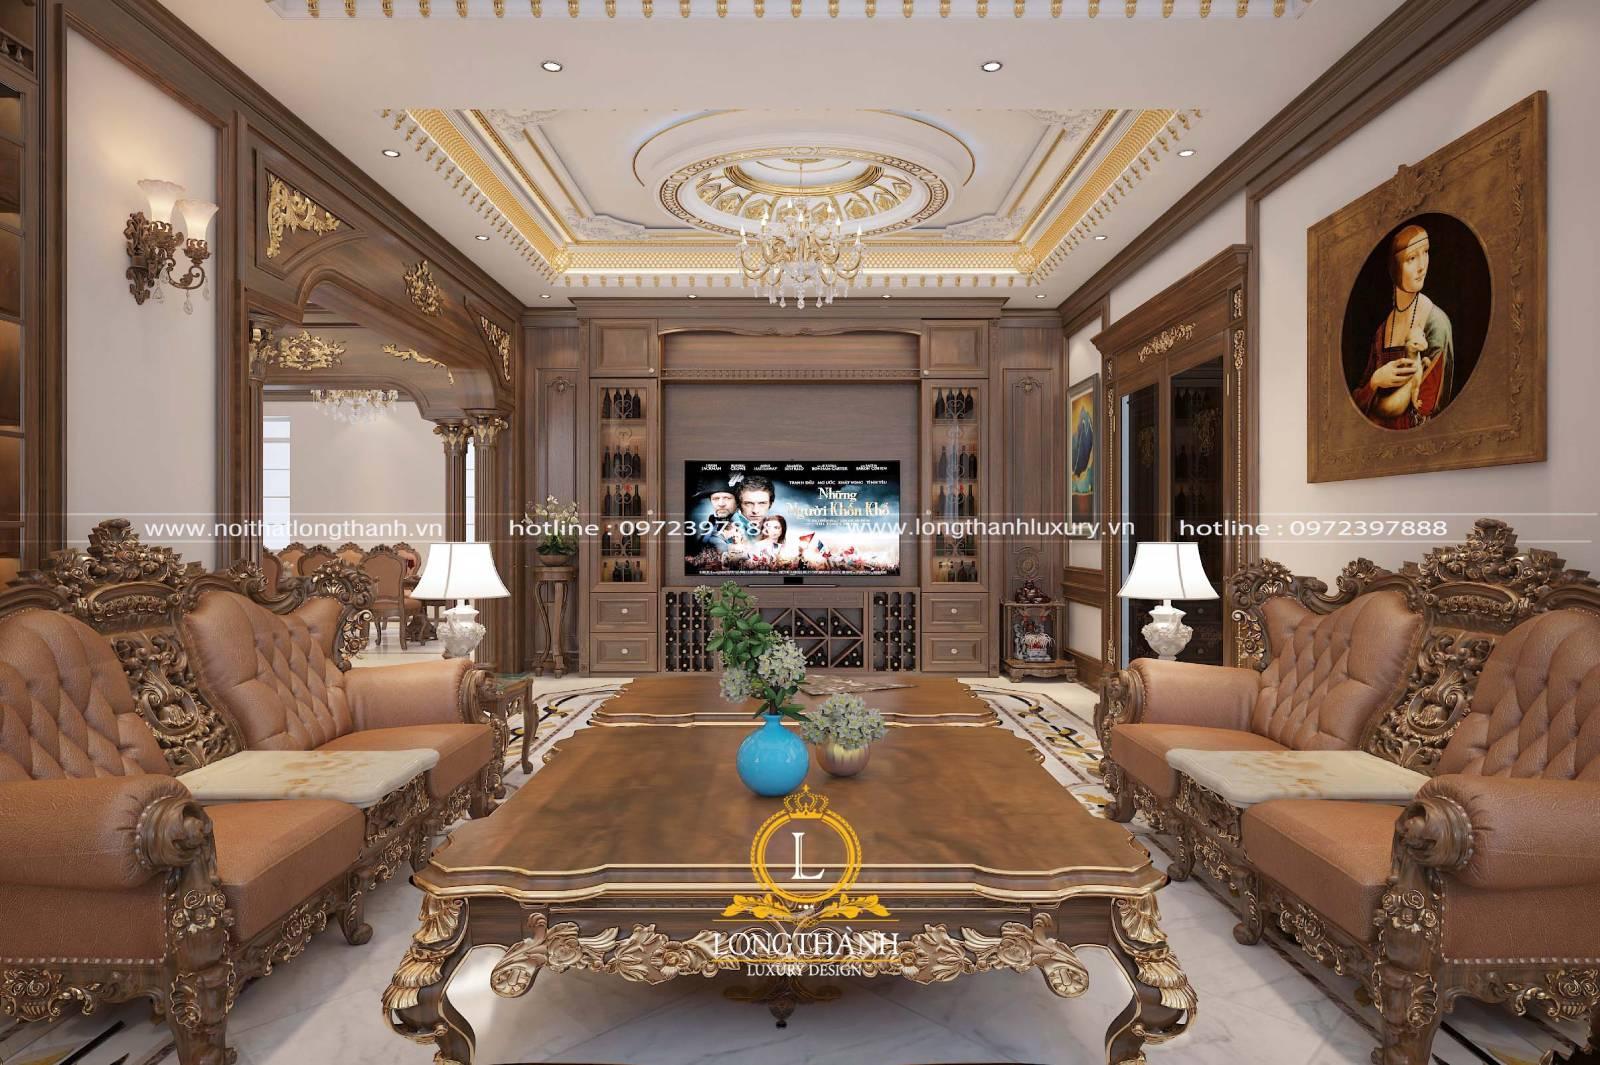 Kê sofa phòng khách đem đến sự tiện lợi thoải mái cho người dùng